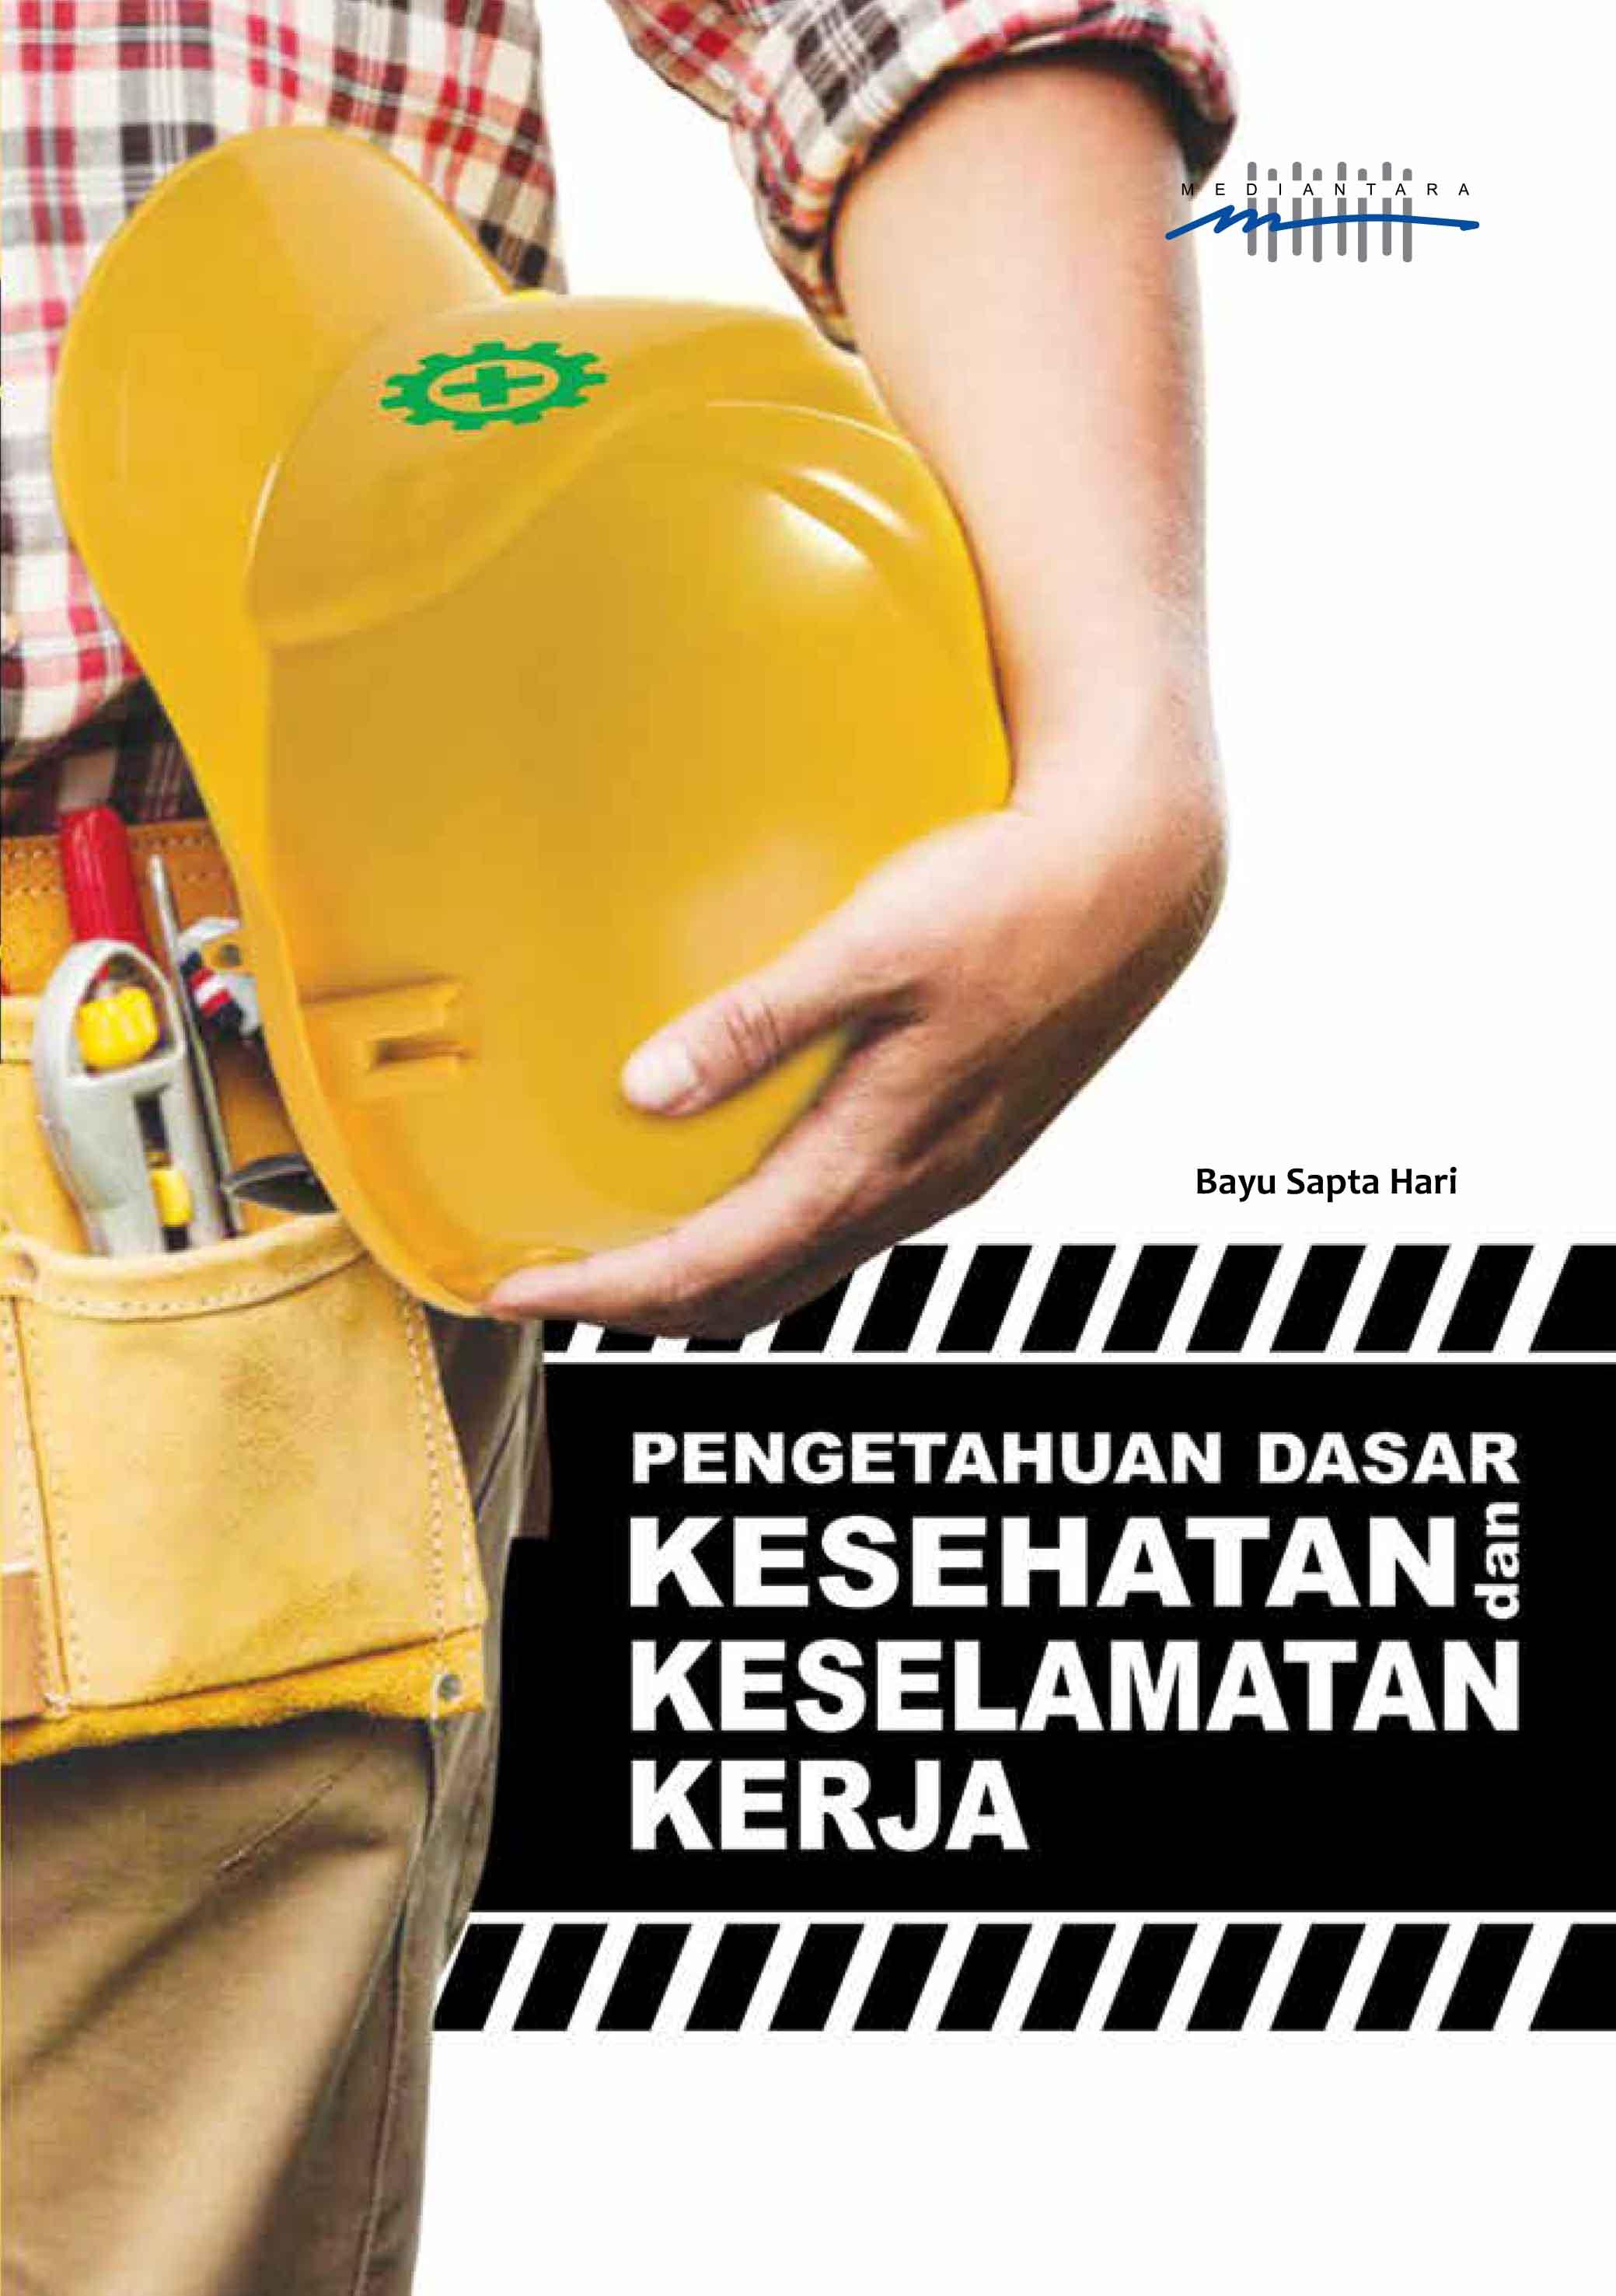 Pengetahuan dasar kesehatan dan keselamatan kerja [sumber elektronis]